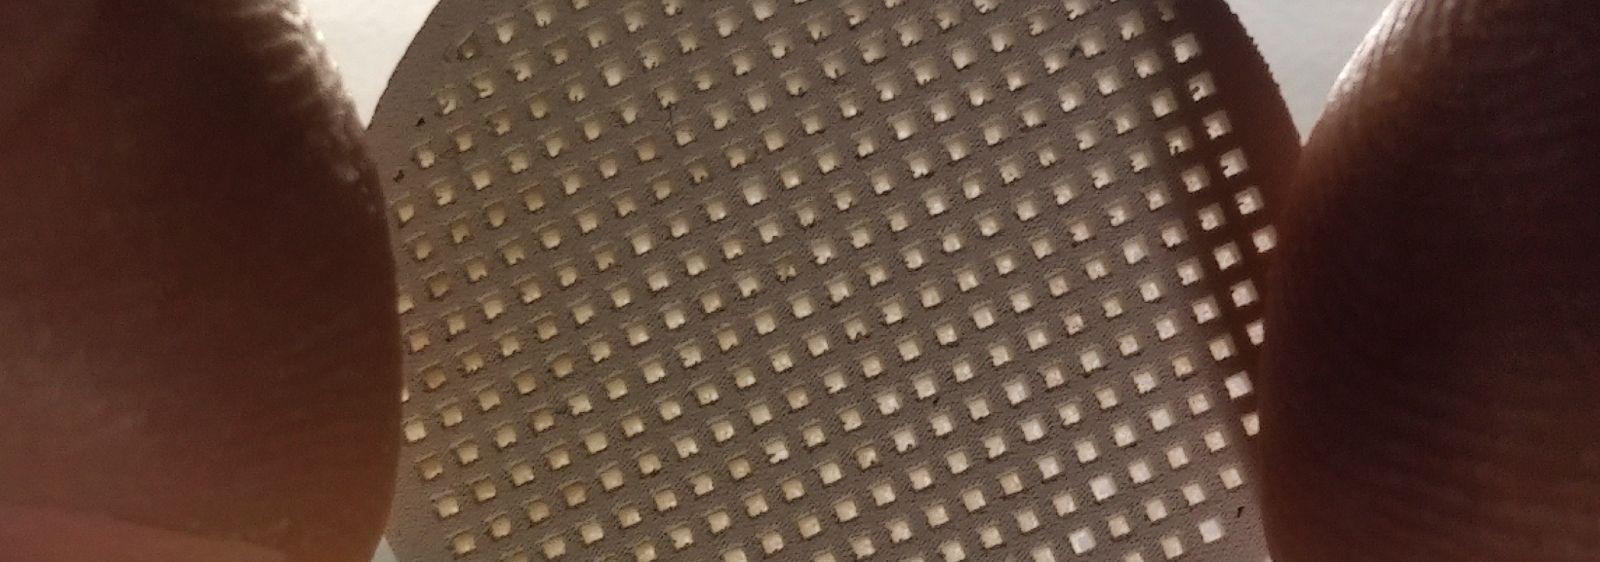 Durch 3D-Siebdruck hergestellter Membranträger aus Magnesiumoxid aus dem Forschungsprojekt AMAZING.